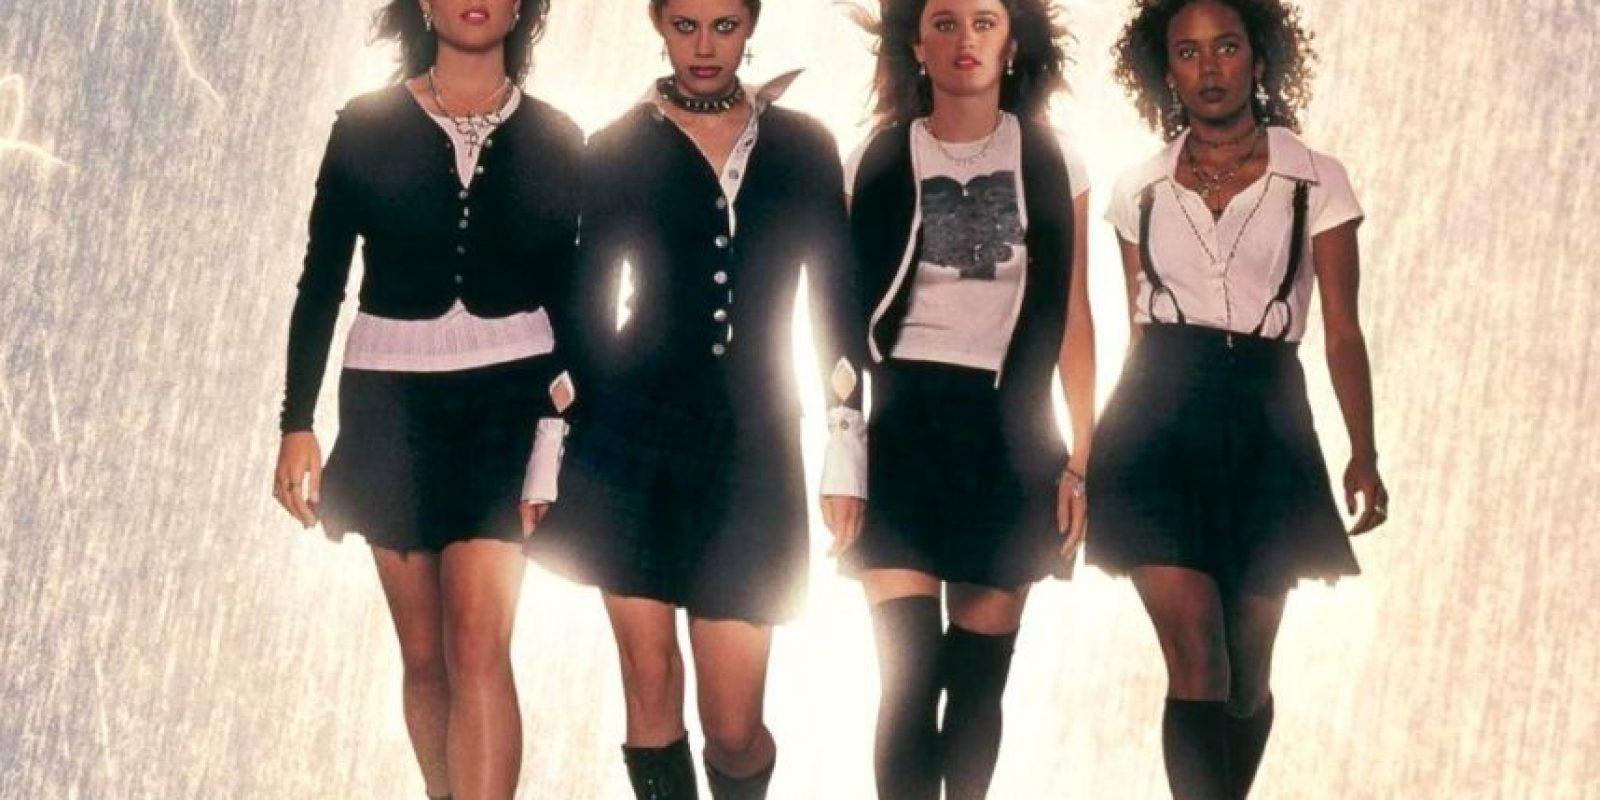 """¿Se acuerdan de ellas? Eran cuatro jóvenes desadaptadas que invocaron un espíritu que las hizo poderosas. Este era el argumento de """"Jóvenes Brujas"""", película de 1996. Así están ahora sus actores. Foto:vía Columbia Pictures"""